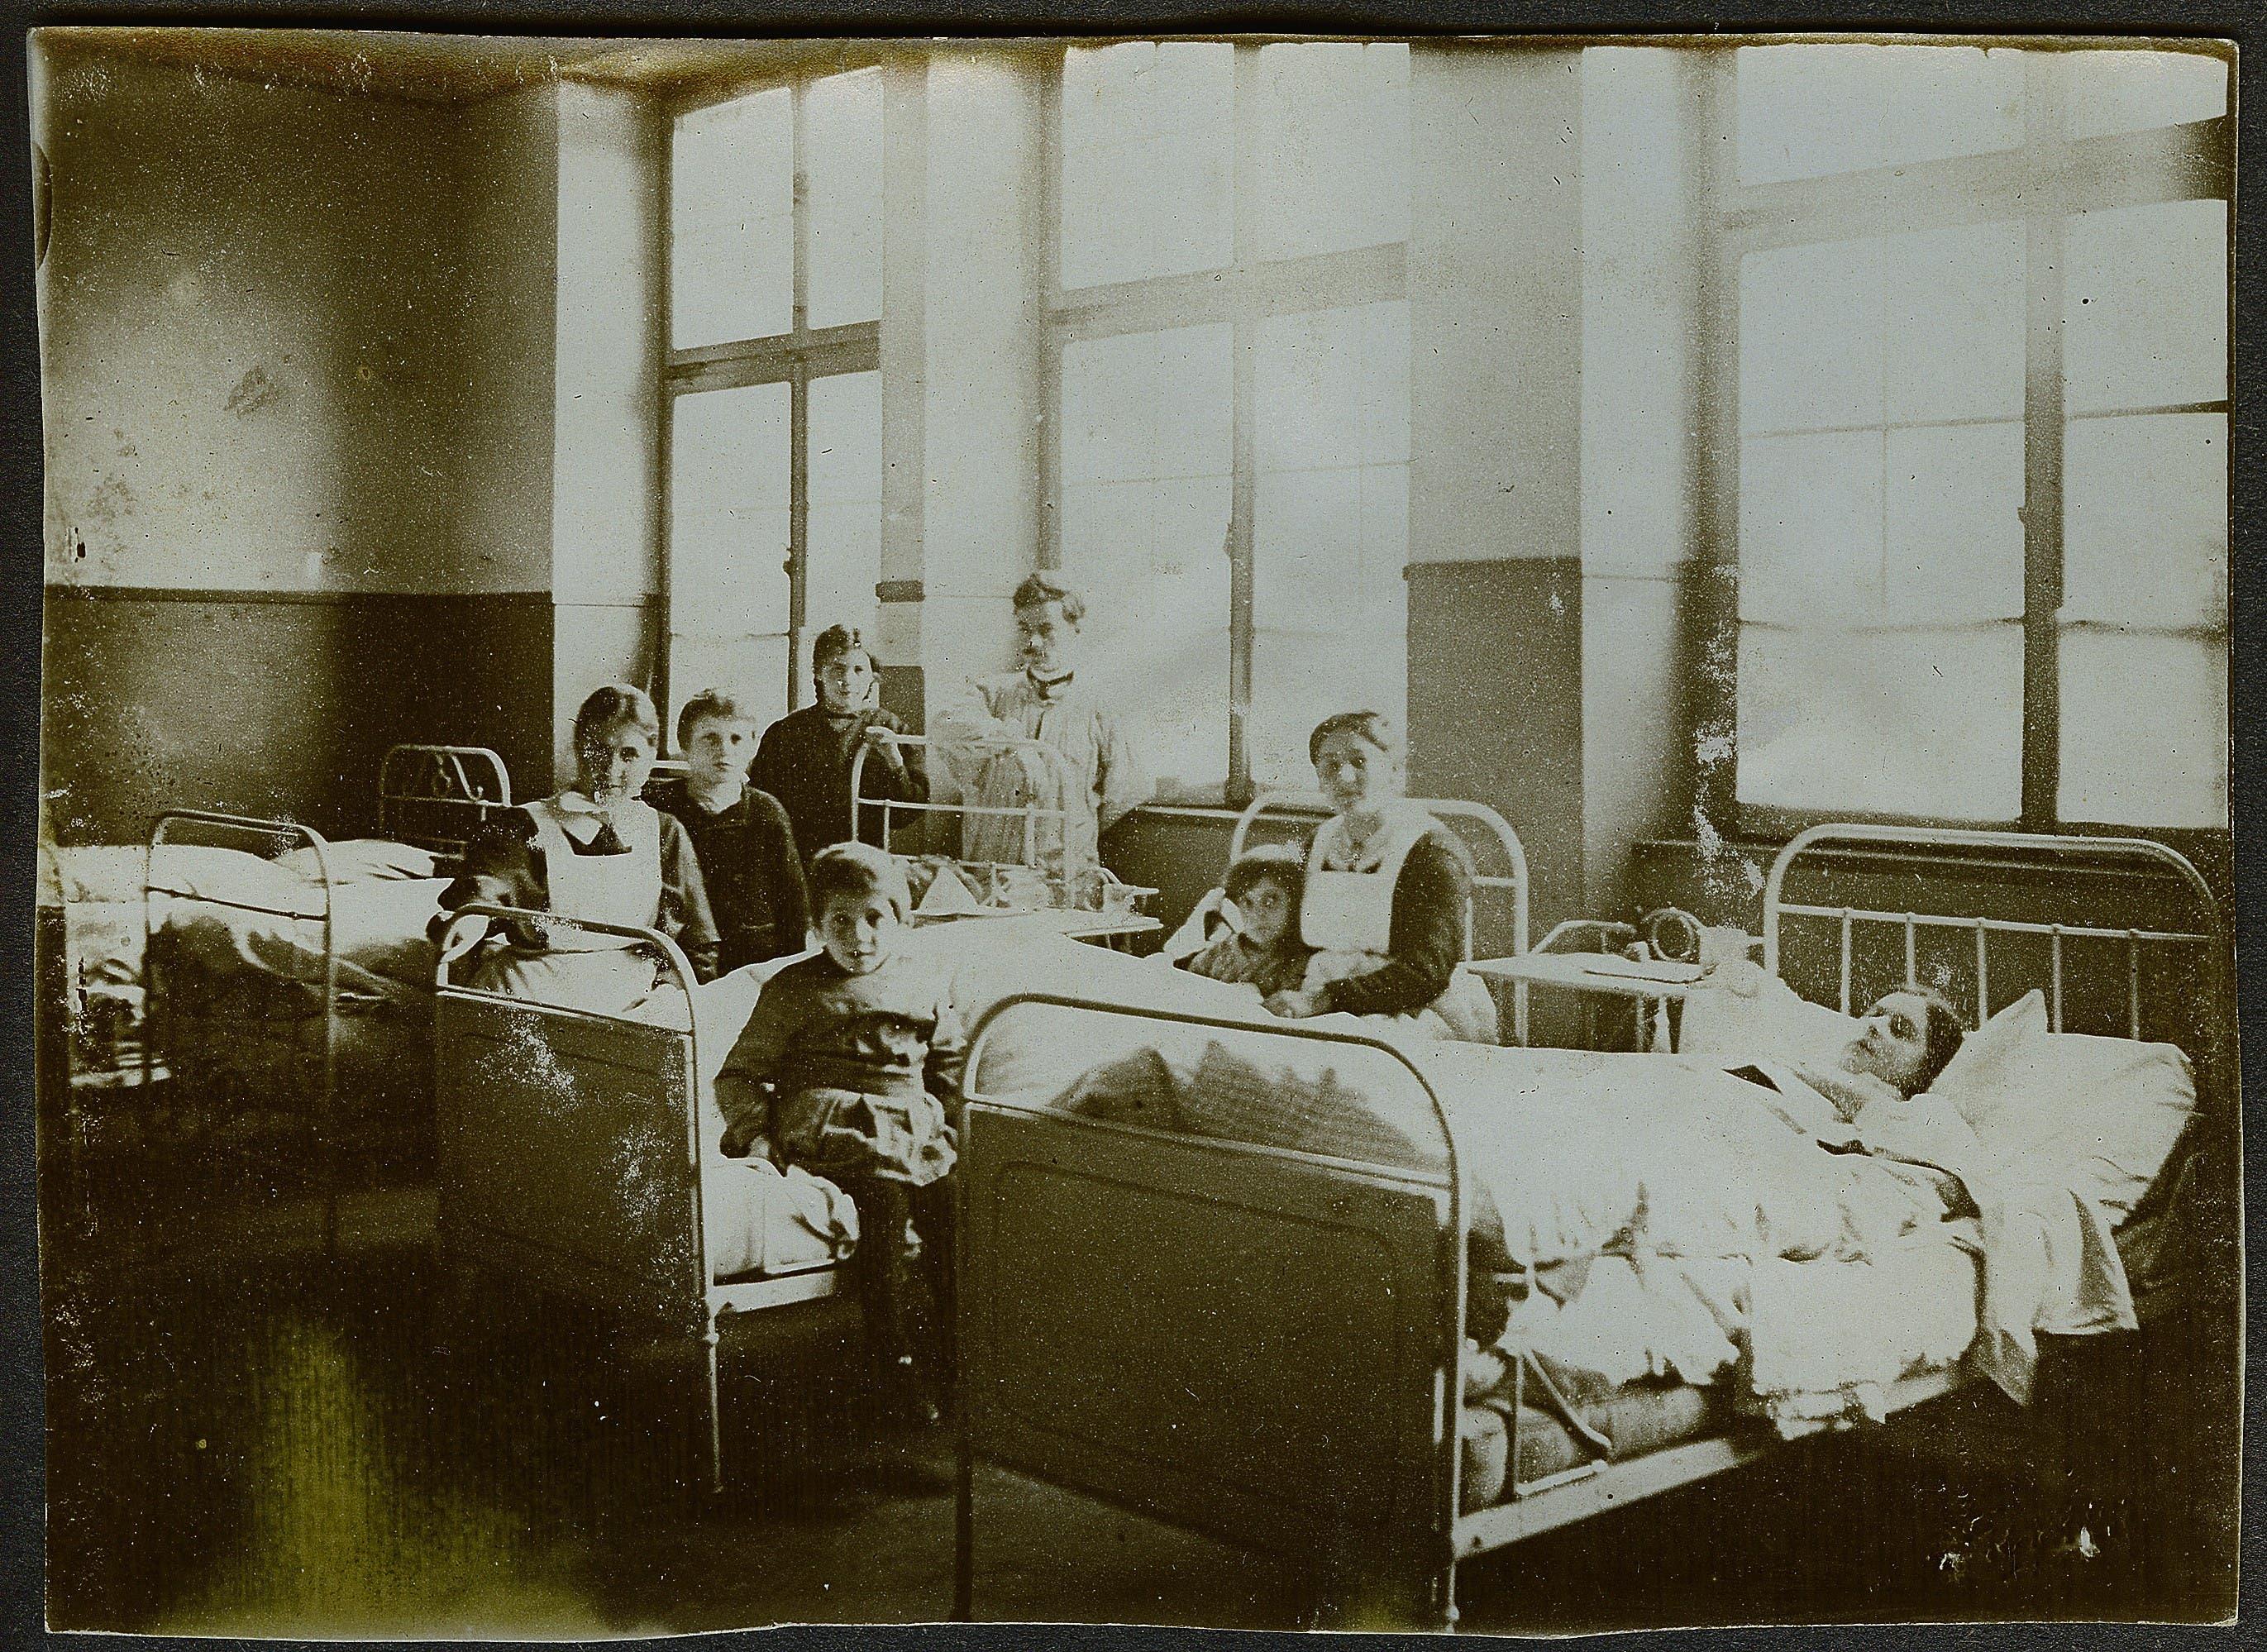 Ein Lazarett zur Zeit der Spanischen Grippe in der Region Rorschach.